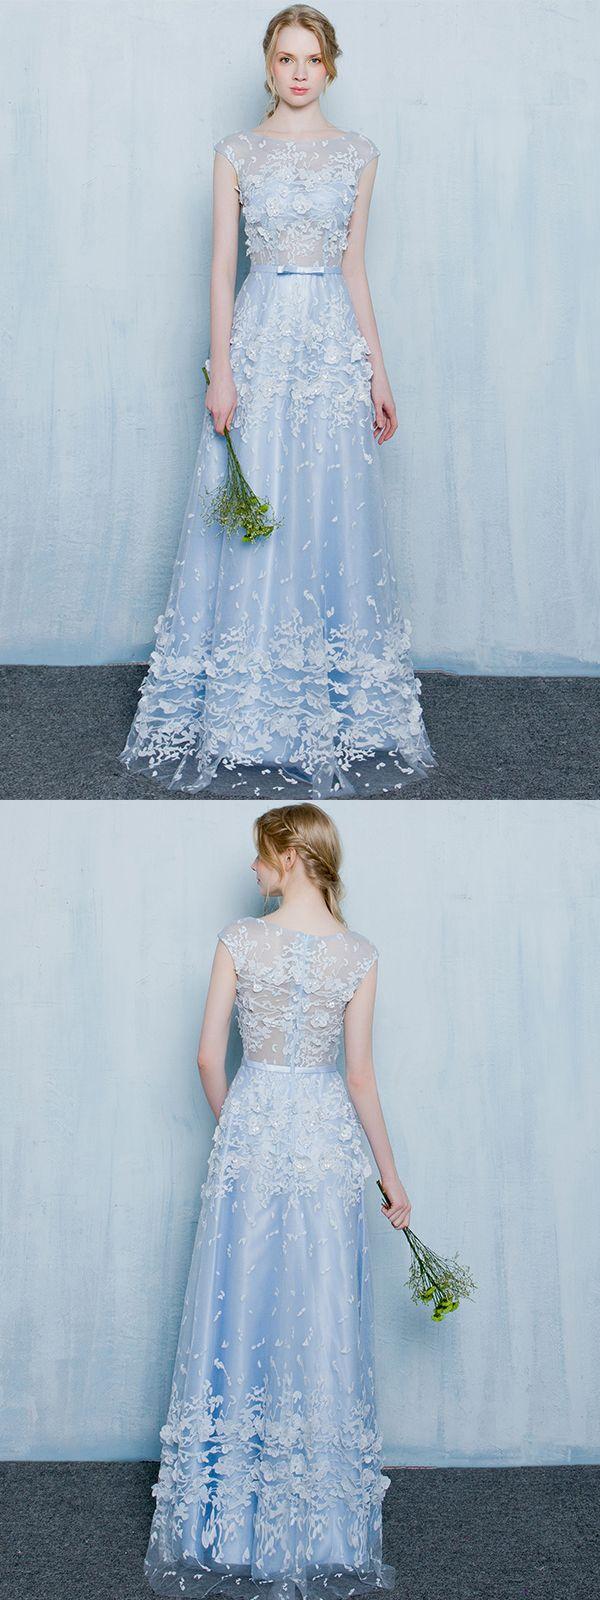 430 best DreamCloset: Evening Dress images on Pinterest